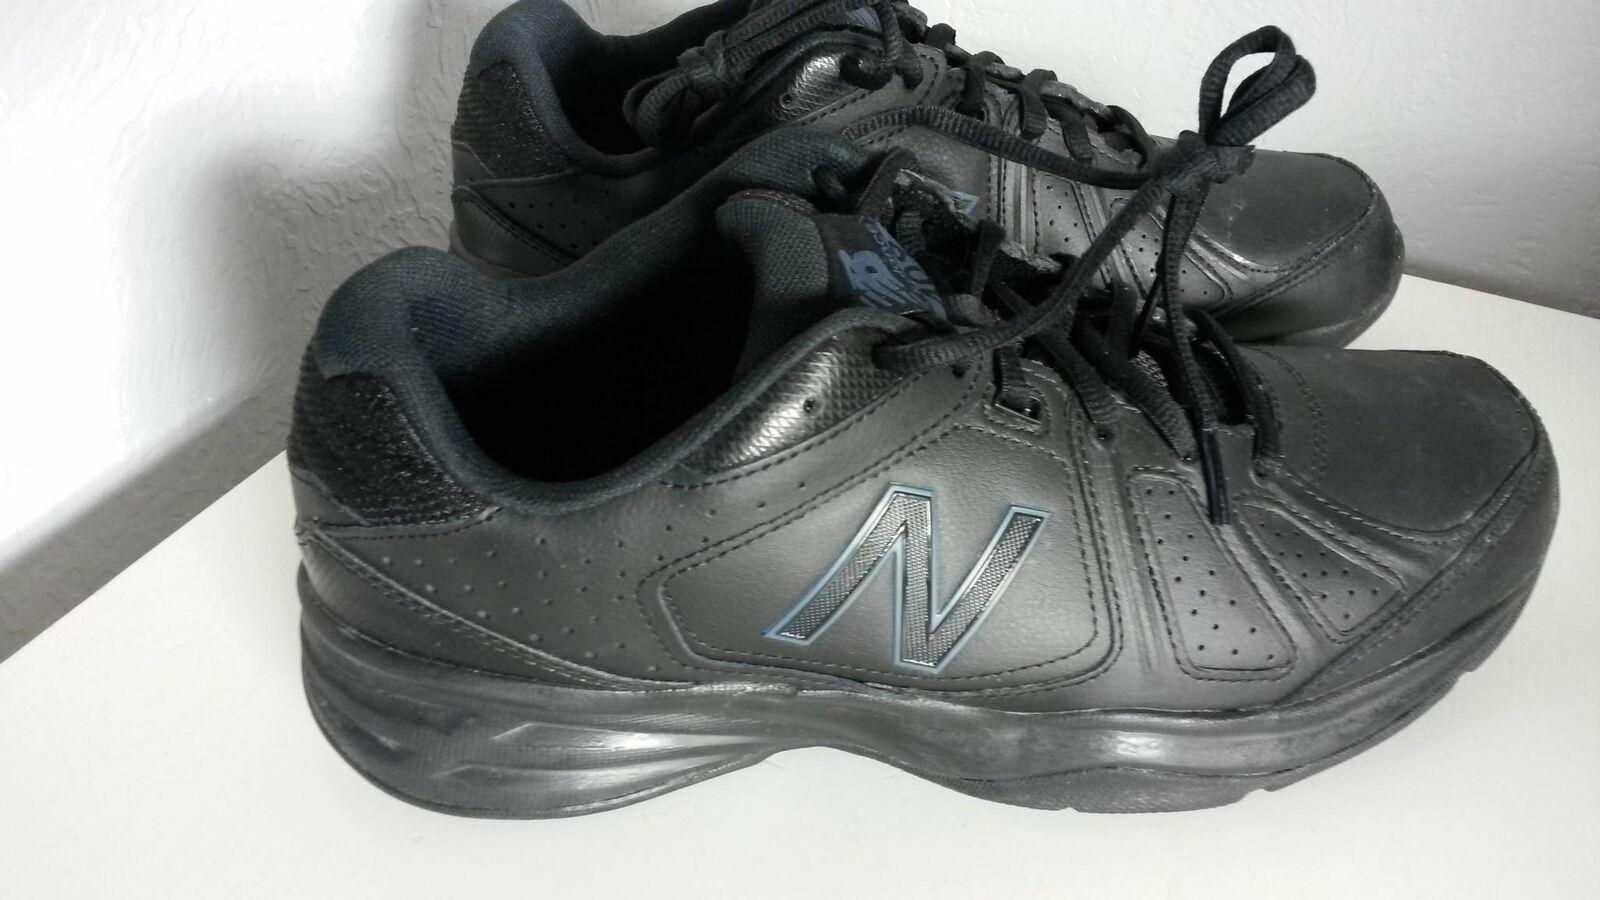 New Balance MX409AB3 Men's shoes Size 10 D (078)